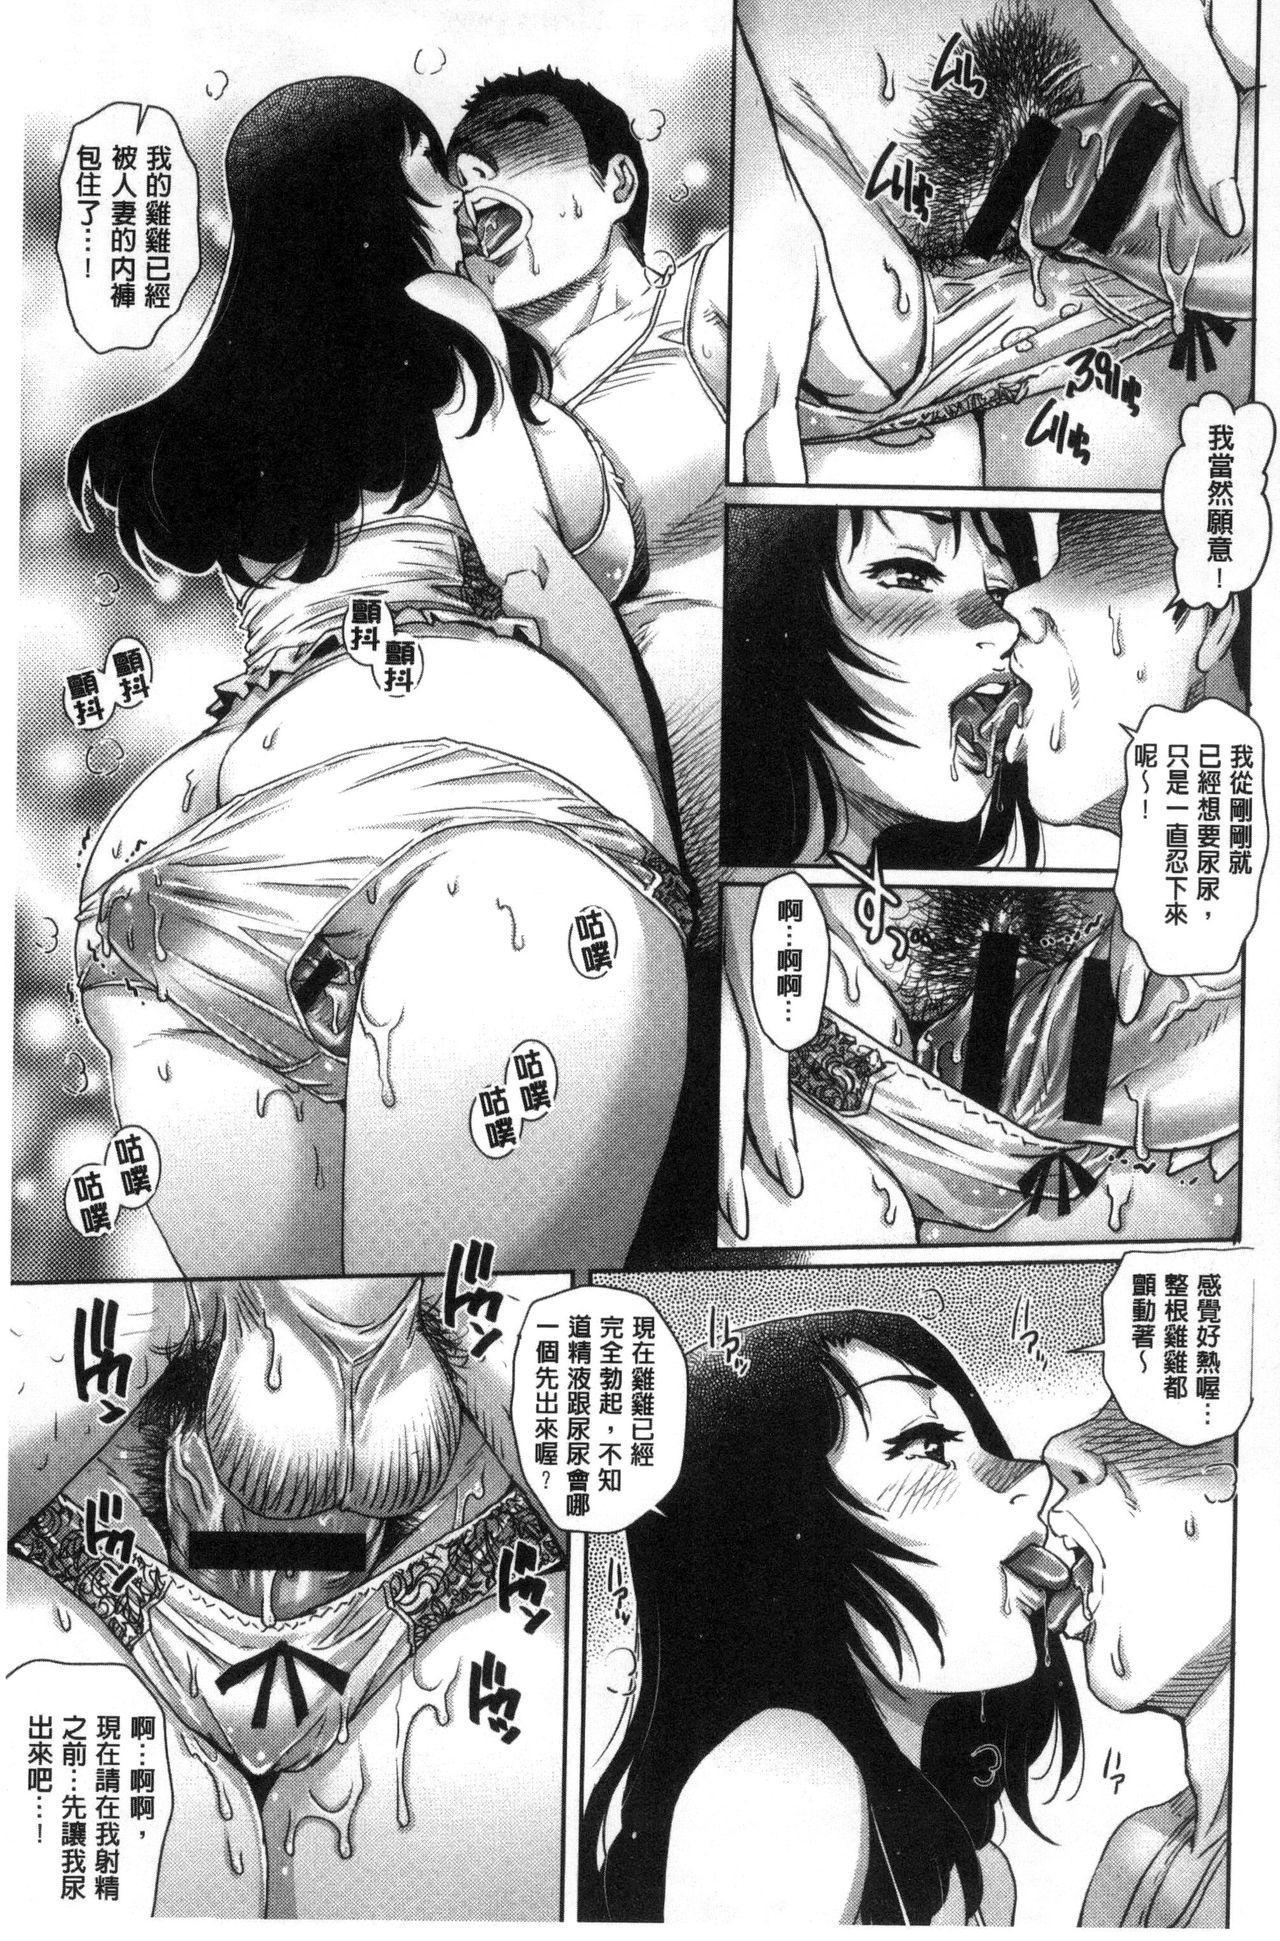 Megami-tachi no Complex | 女神們的COMPLEXES 167